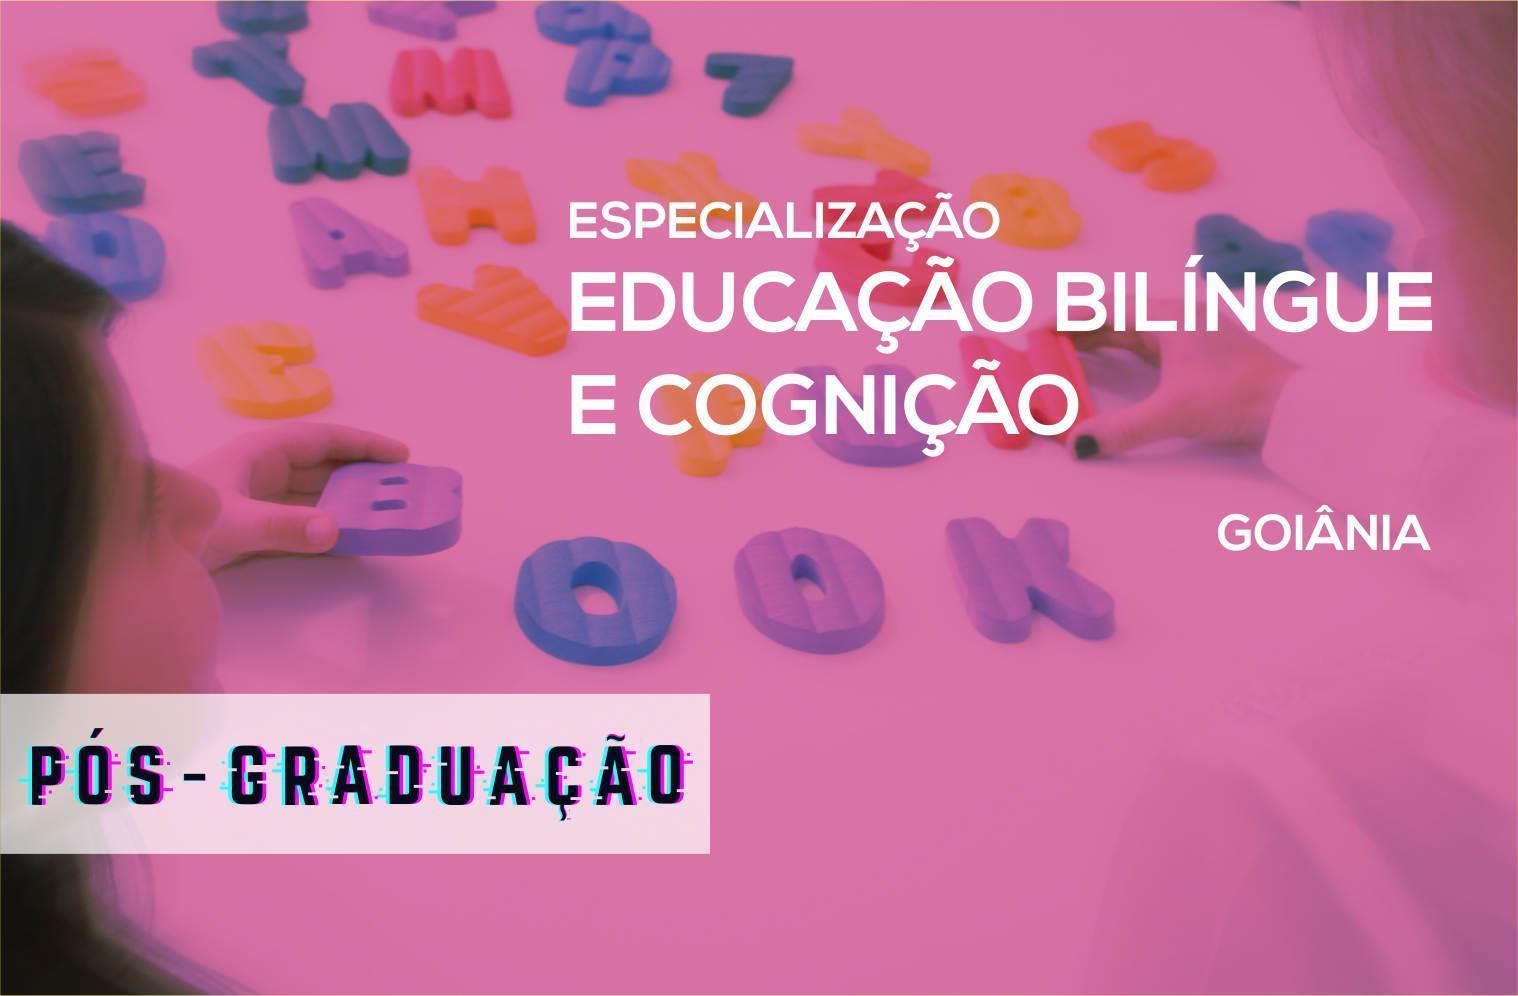 Especialização em Educação Bilíngue e Cognição - Goiânia